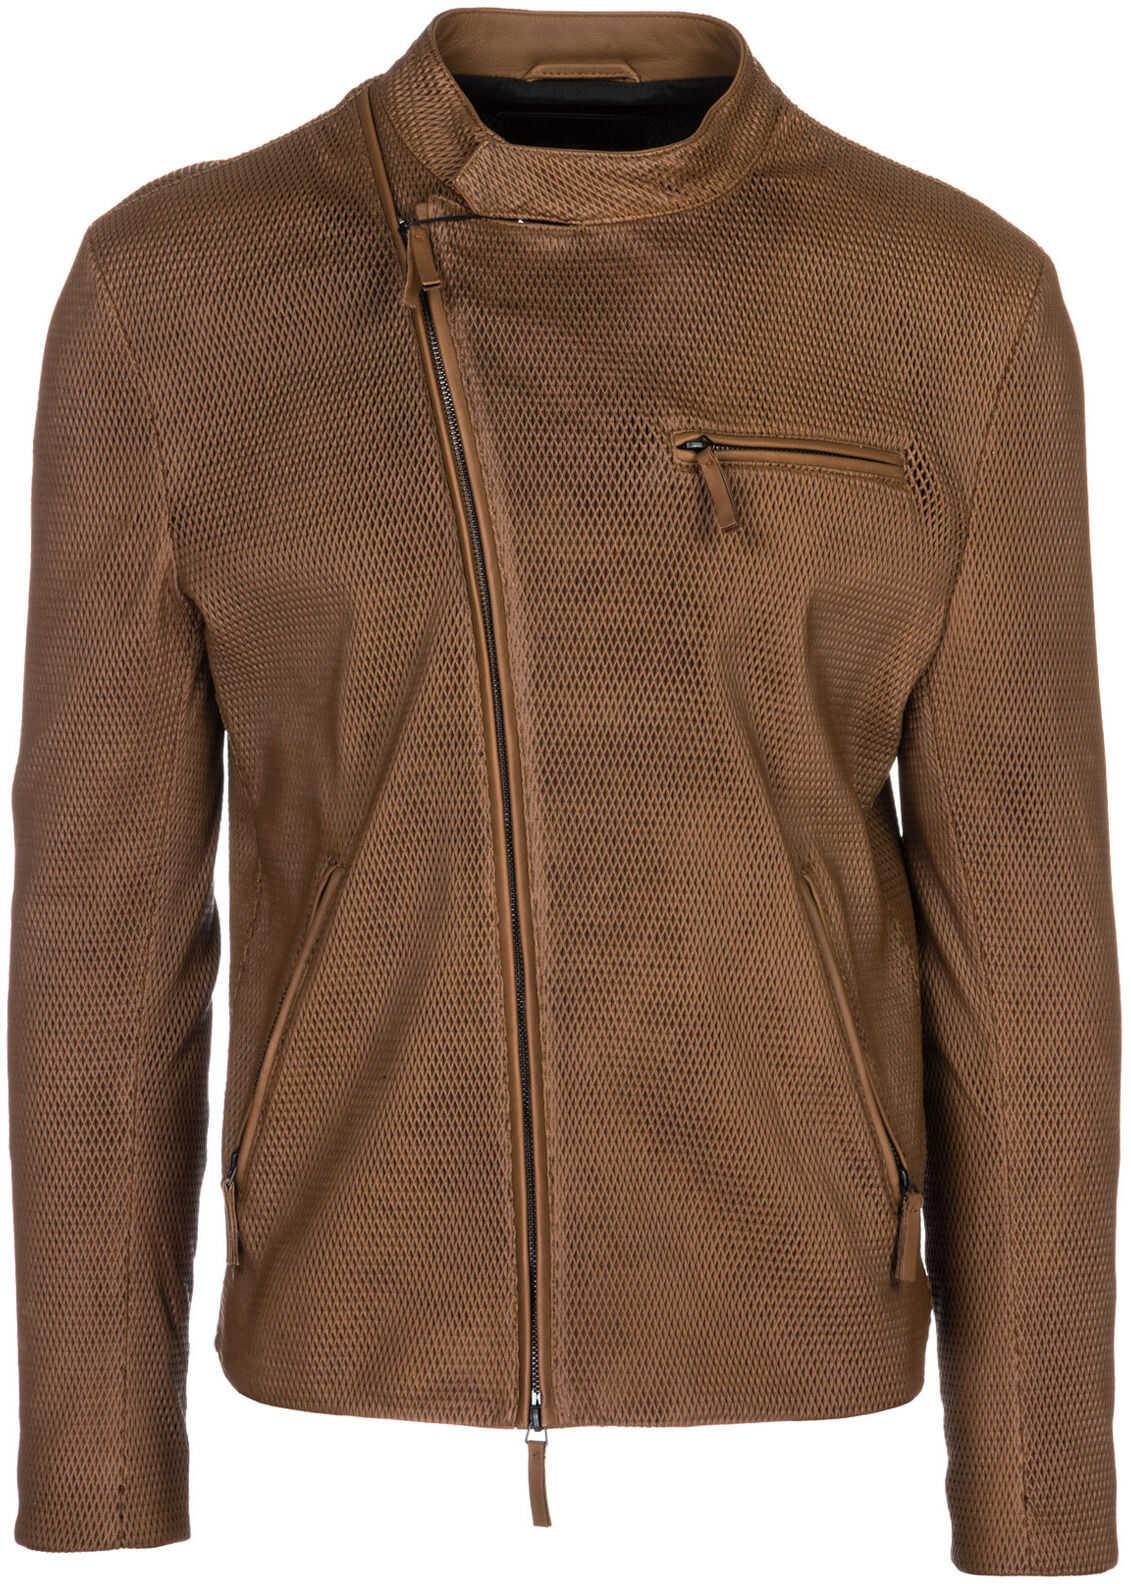 Emporio Armani Jacket Blouson Brown